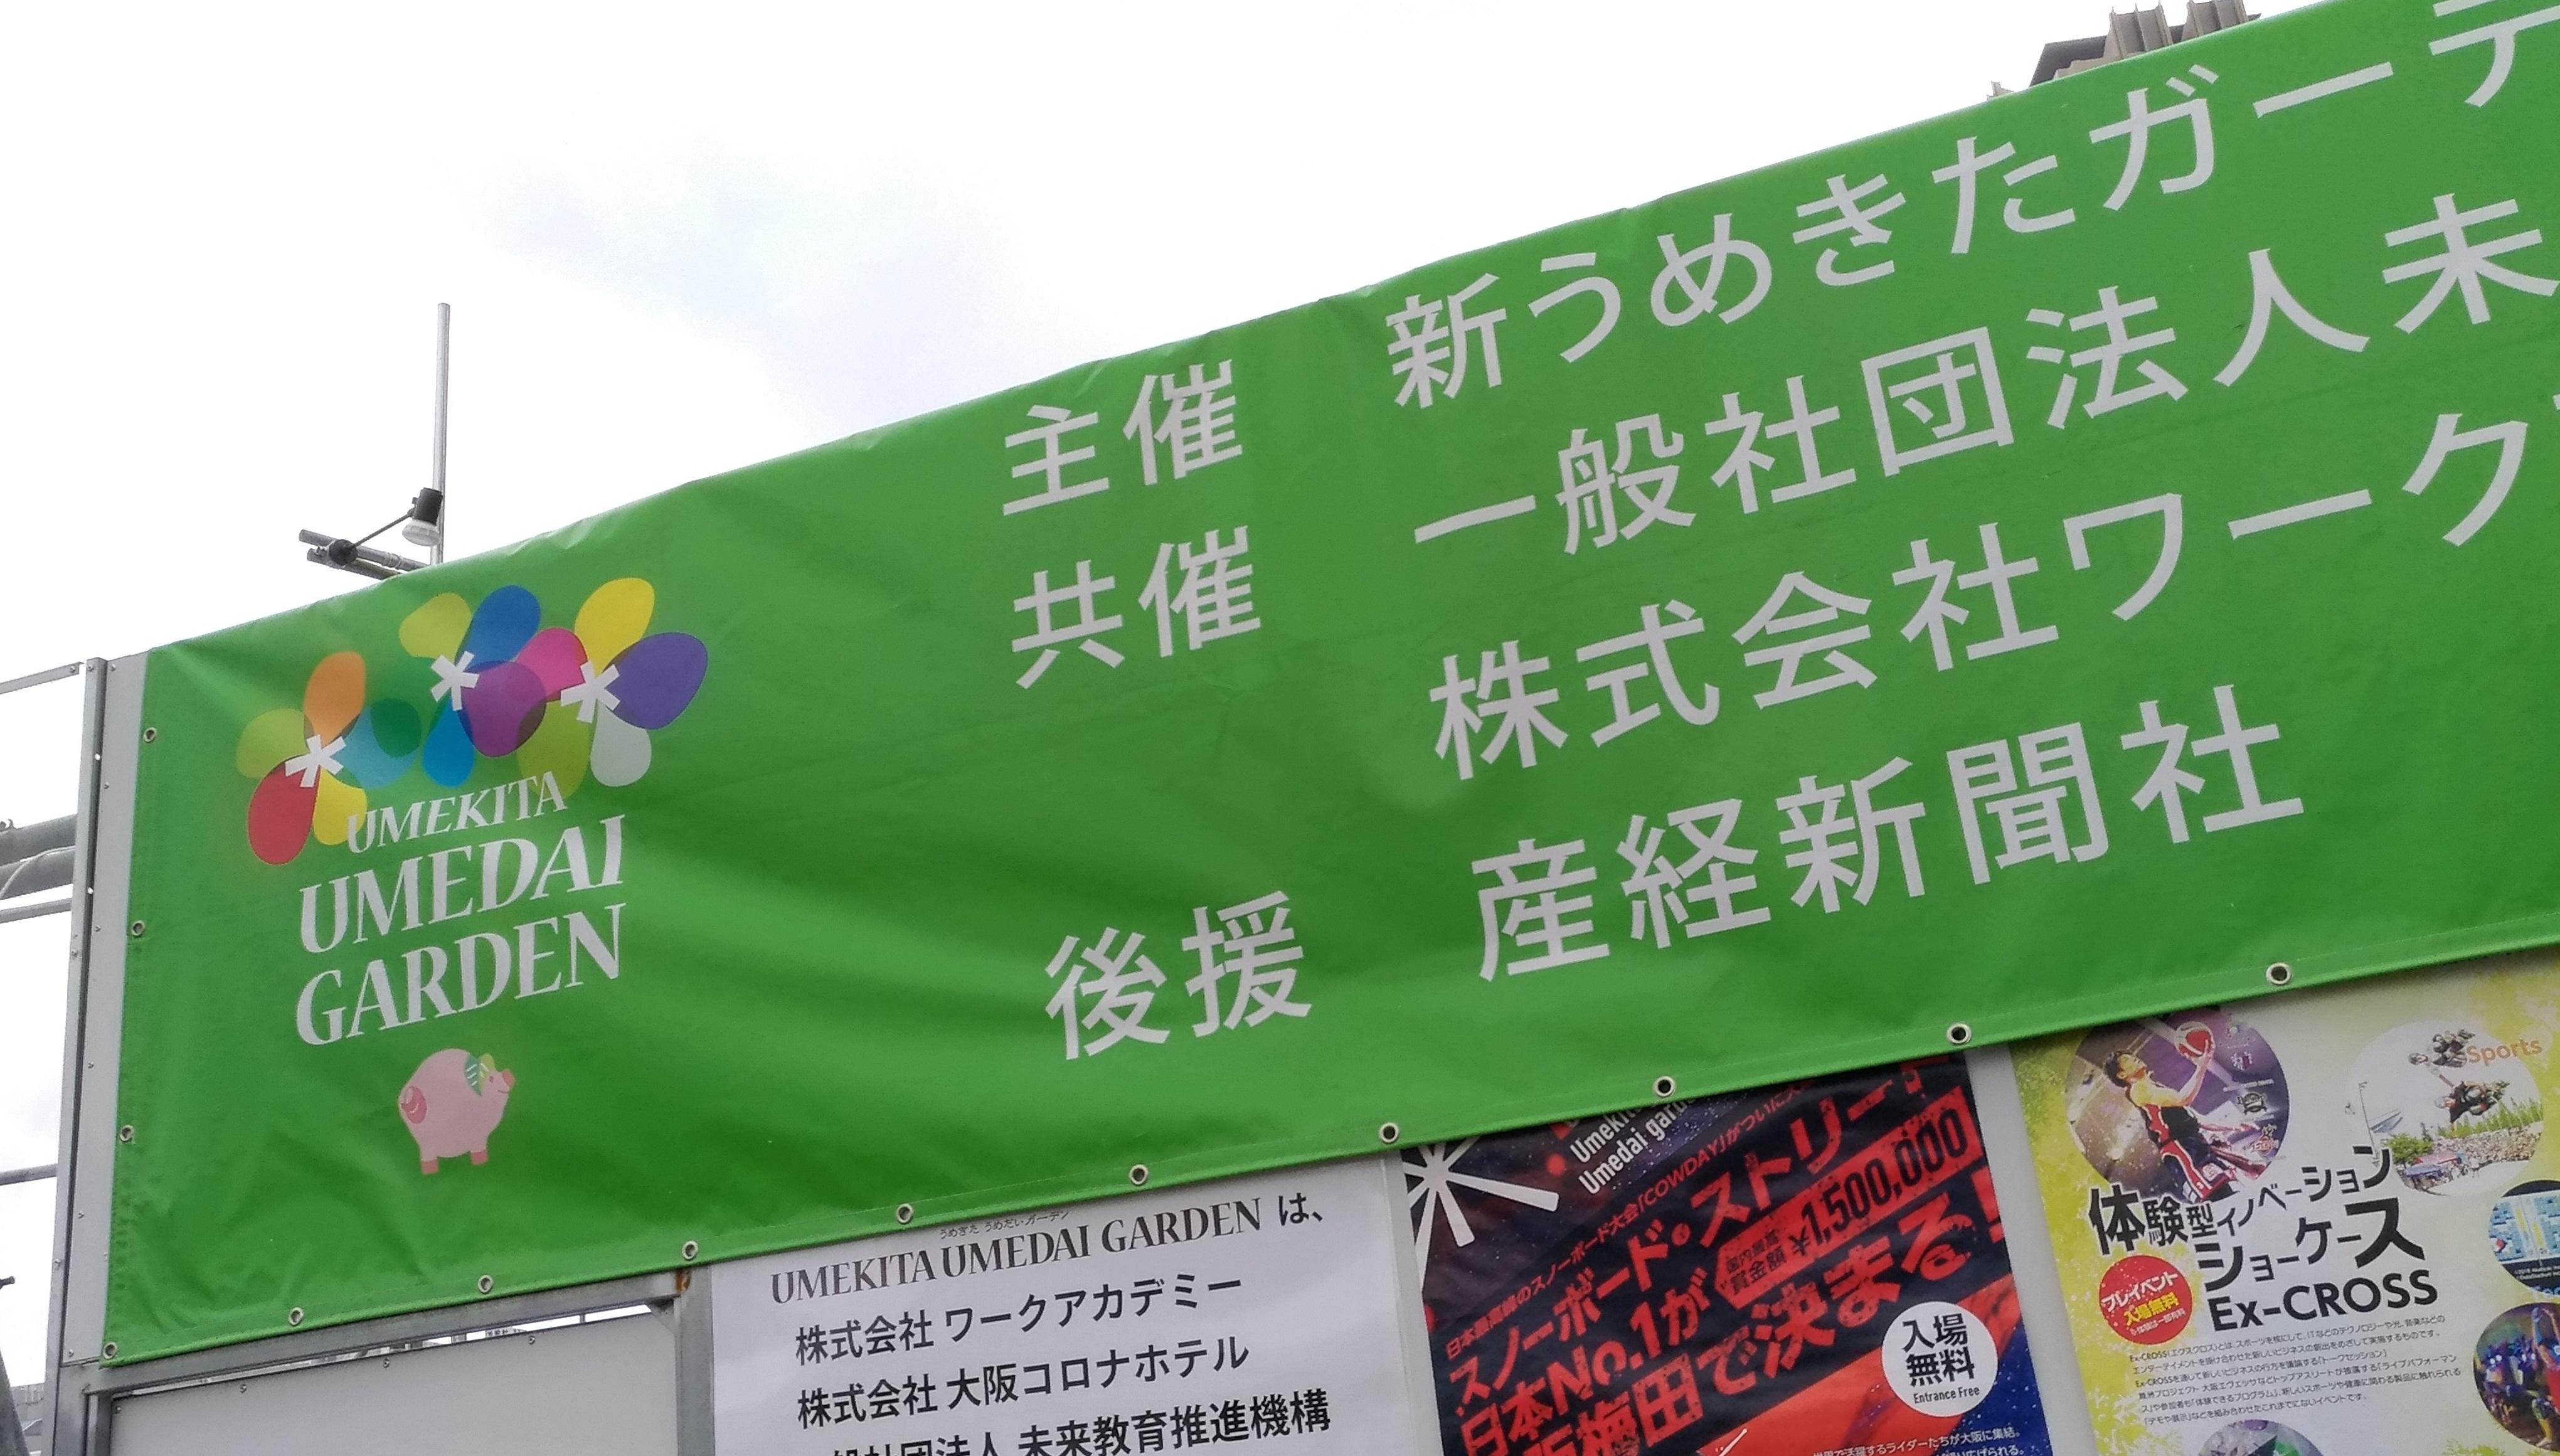 osaka_umeda_events_umekita3.jpg